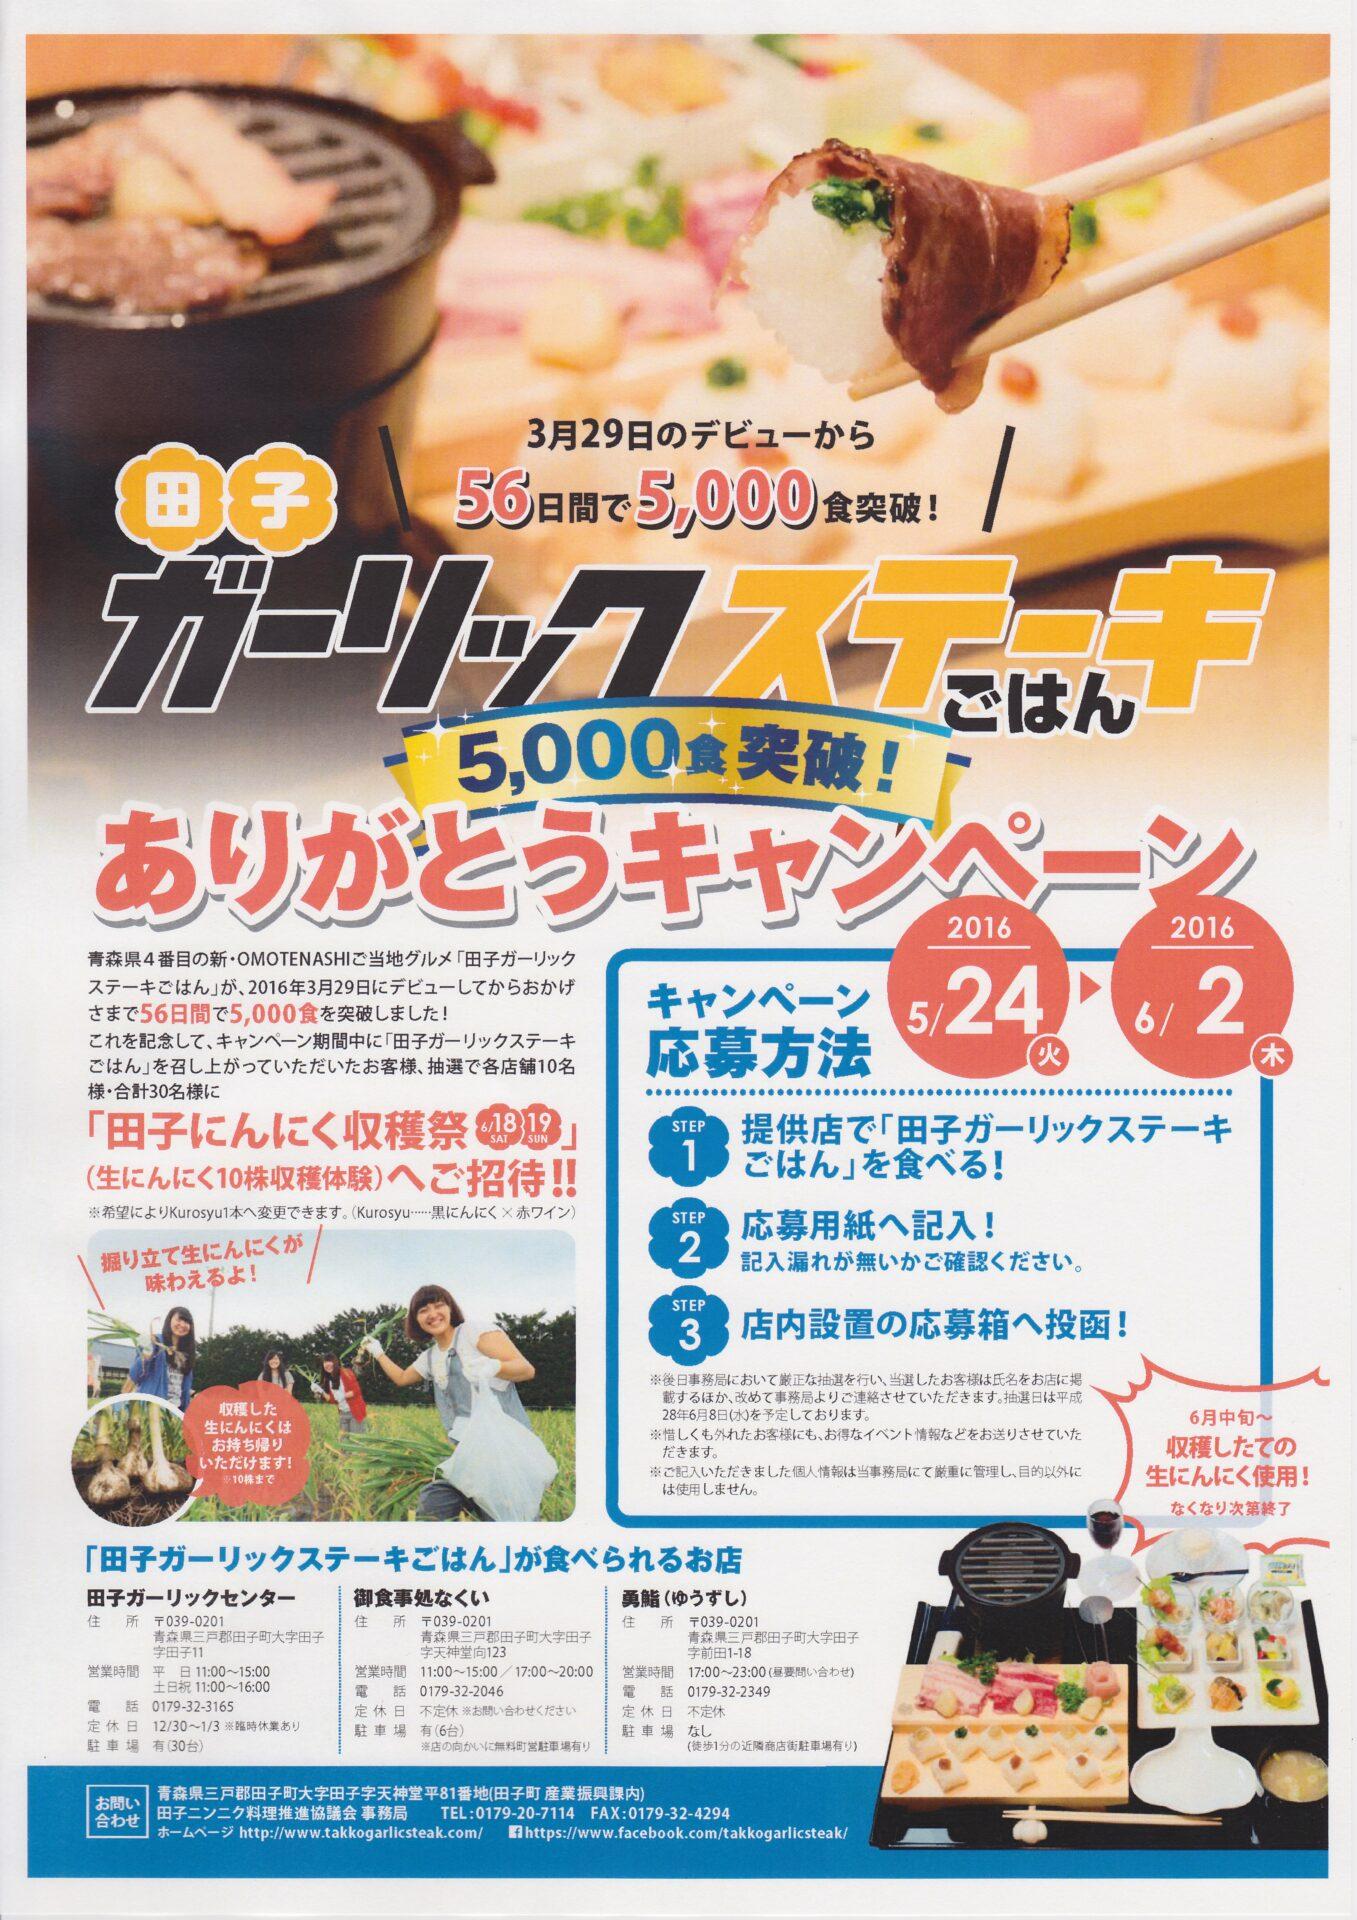 ガリステ5,000食キャンペーン